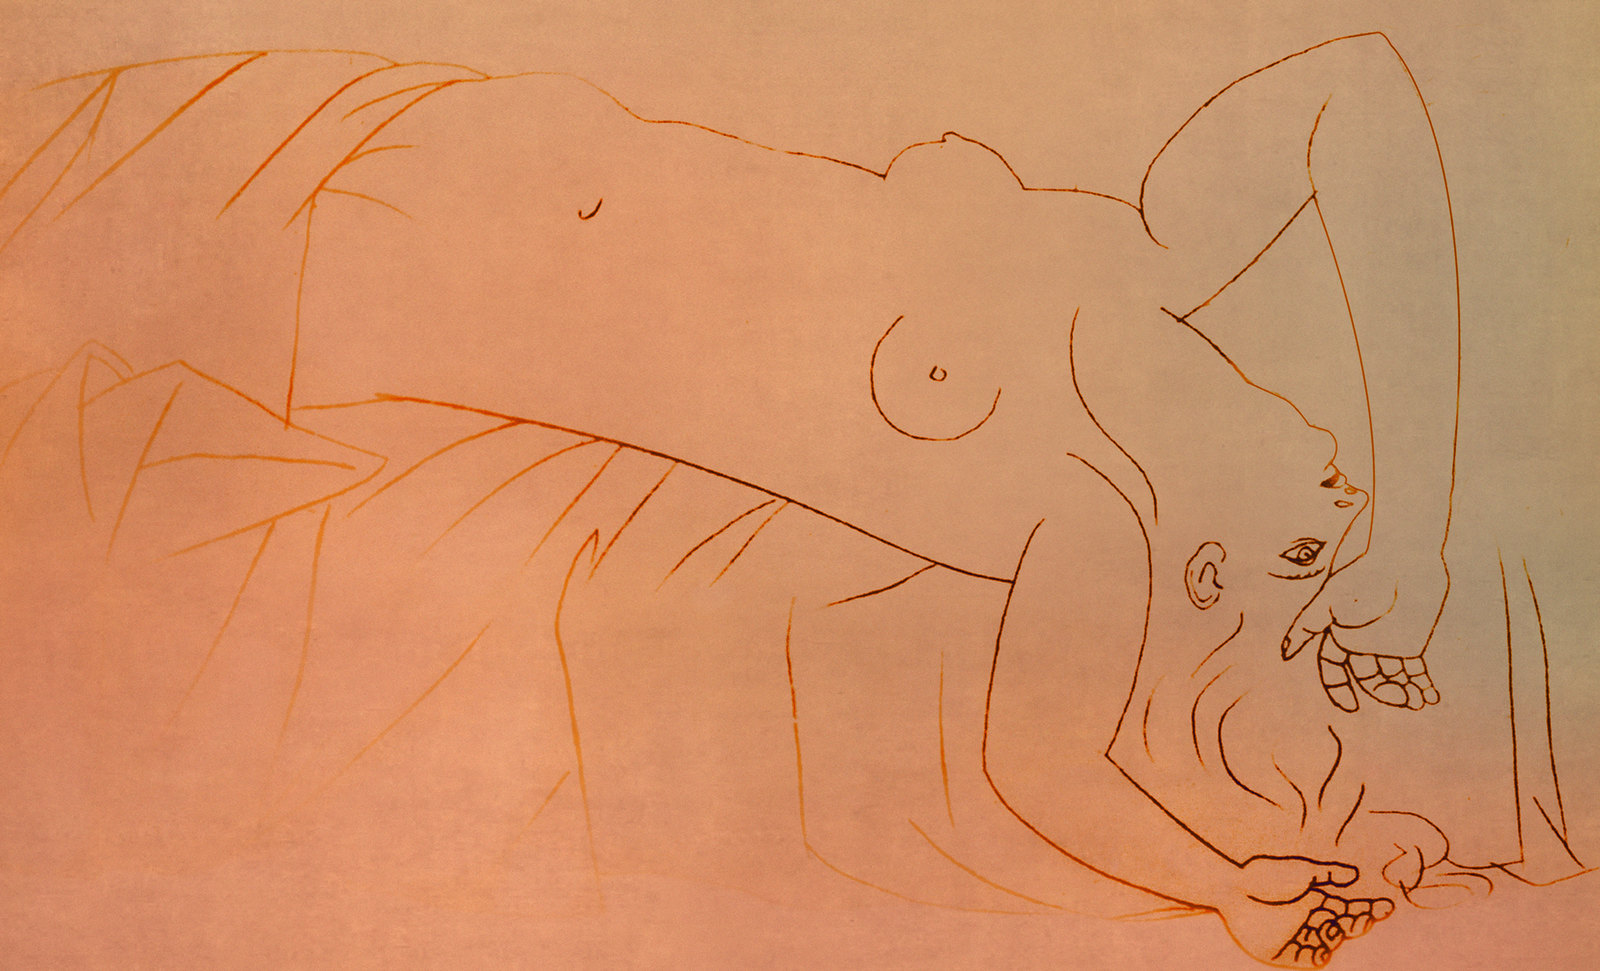 076Pablo Picasso